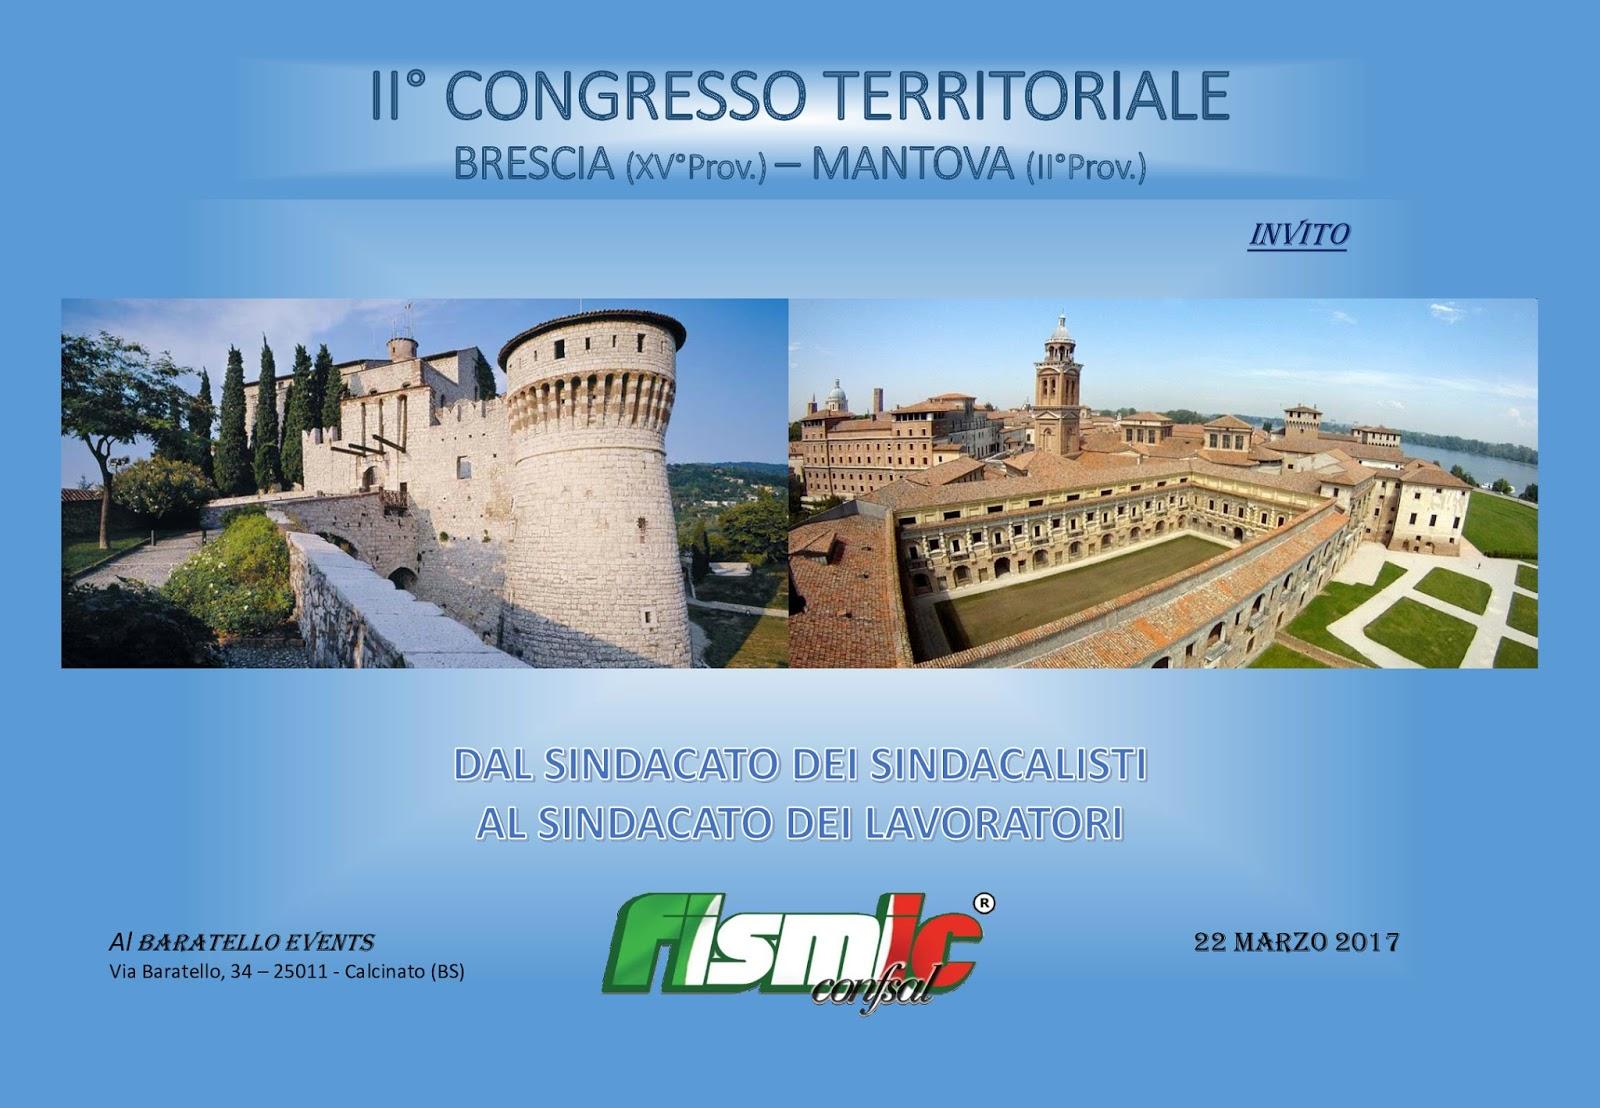 Fismic brescia fismic brescia al congresso for Lista permesso di soggiorno brescia maggio 2017